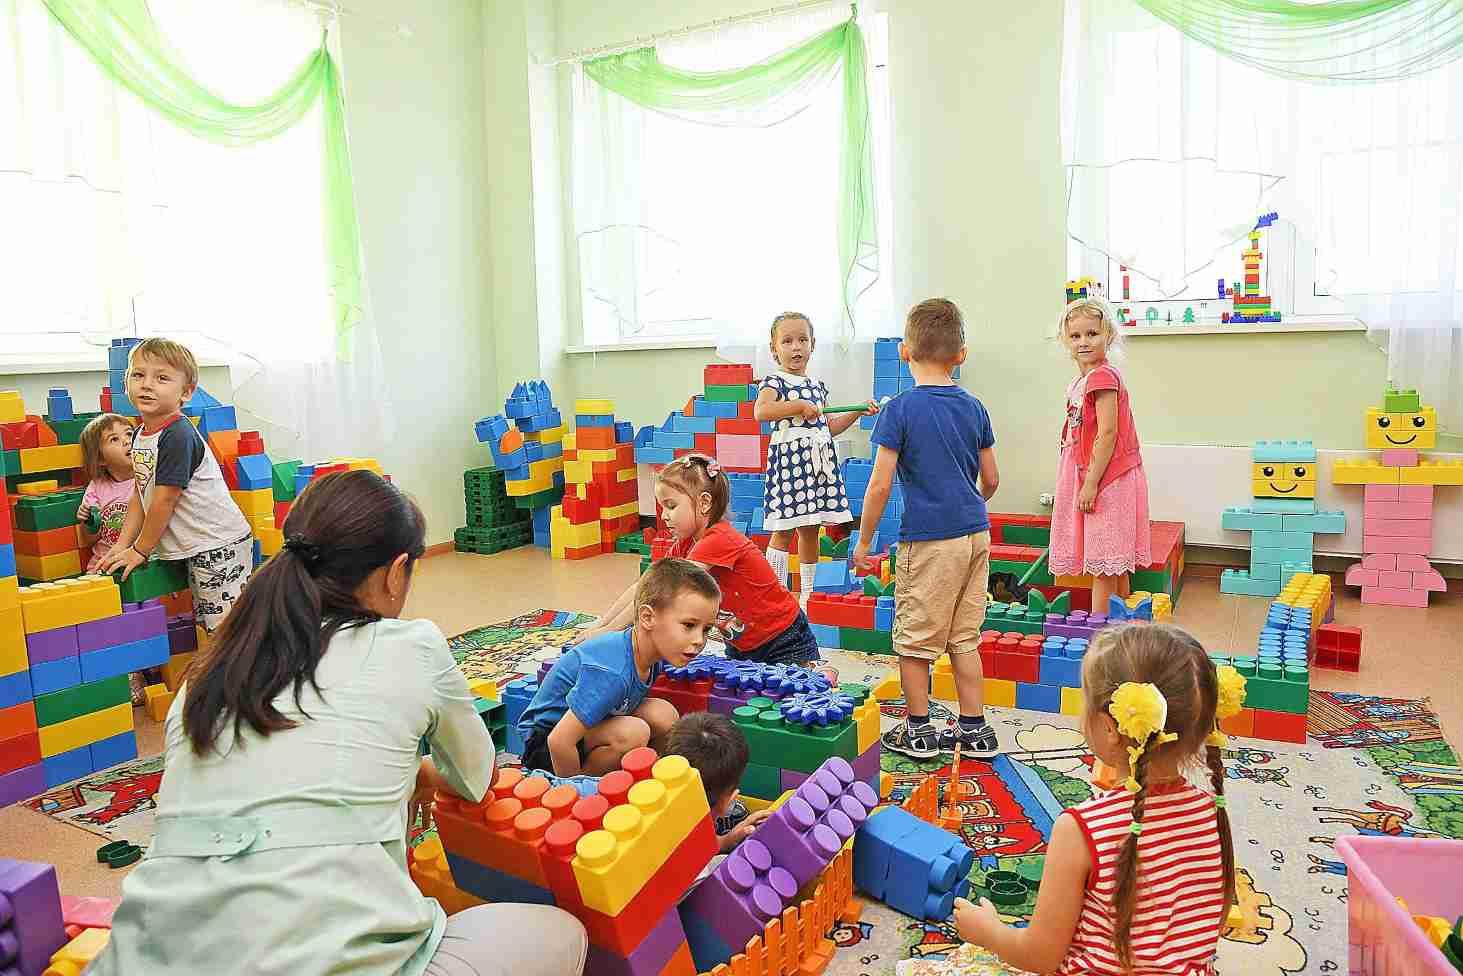 issledovanie-bolshe-poloviny-doshkolnikov-ne-mogut-adaptirovatsya-k-shkole